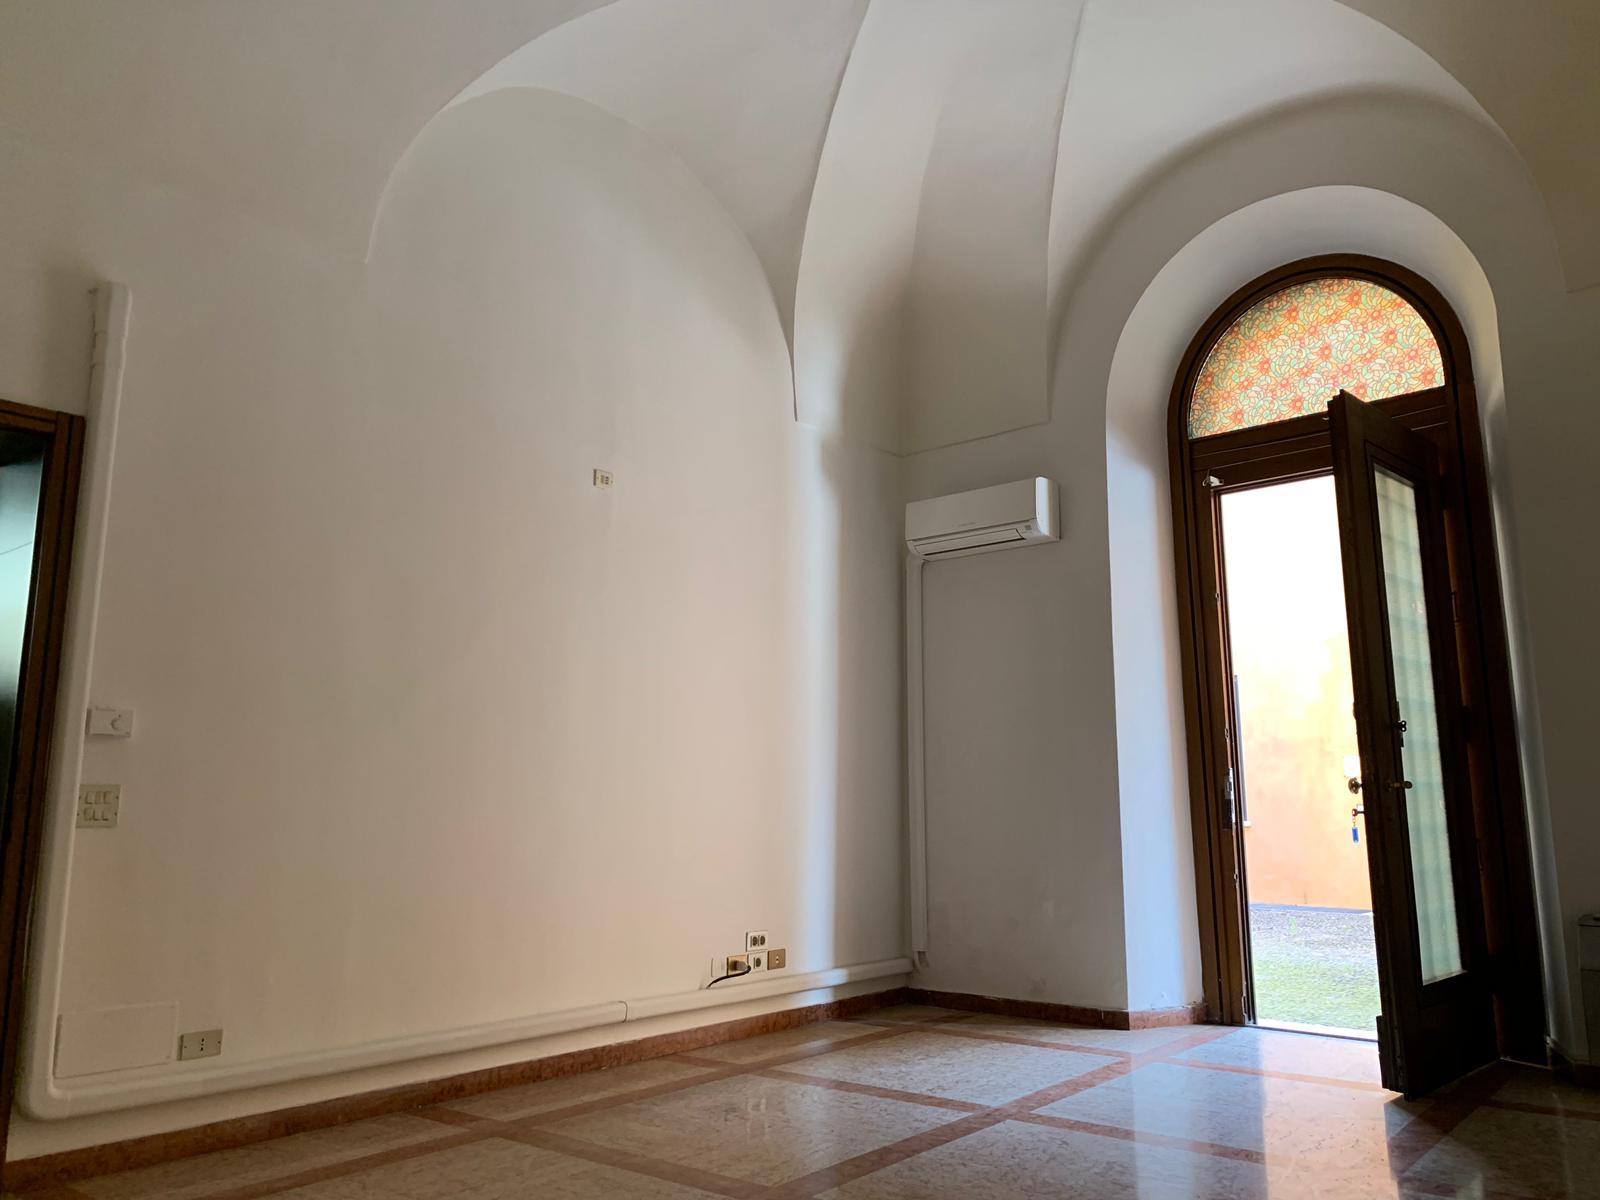 Negozio / Locale in affitto a Mantova, 9999 locali, zona Località: Centrostorico, prezzo € 1.000 | PortaleAgenzieImmobiliari.it